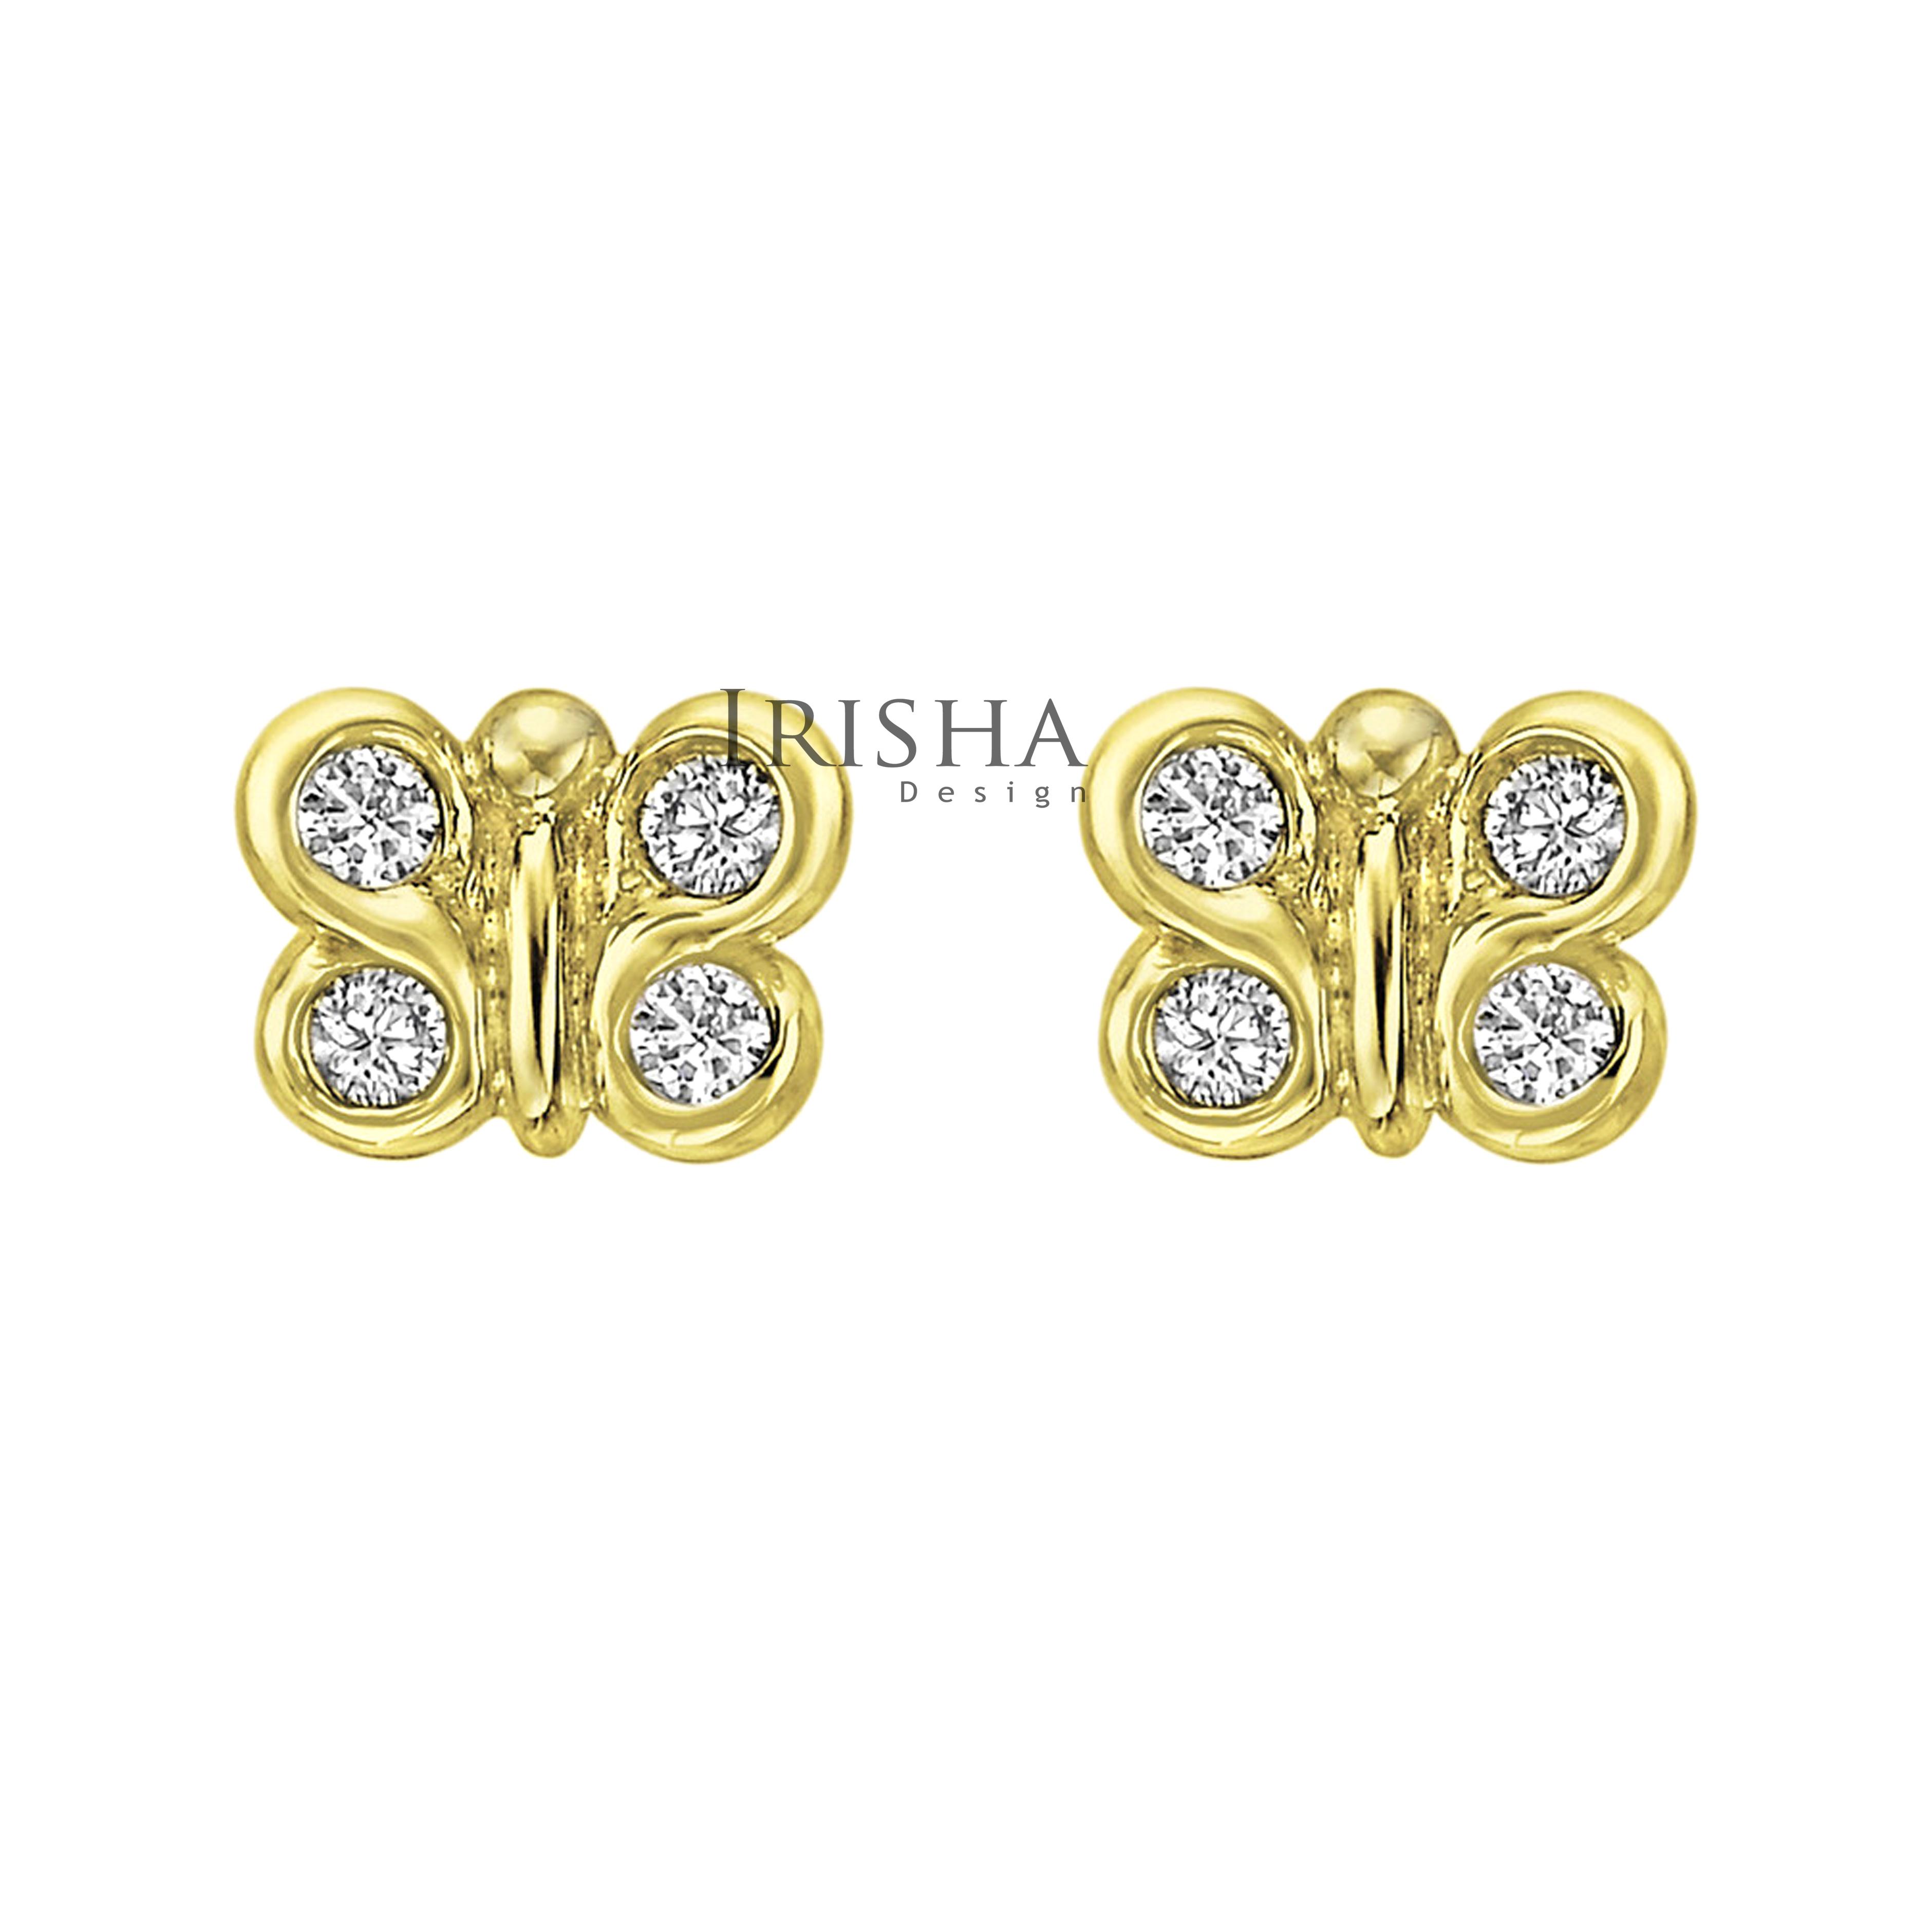 14K Gold 0.24 Ct. Genuine Diamond Special Butterfly Studs Earrings Fine Jewelry